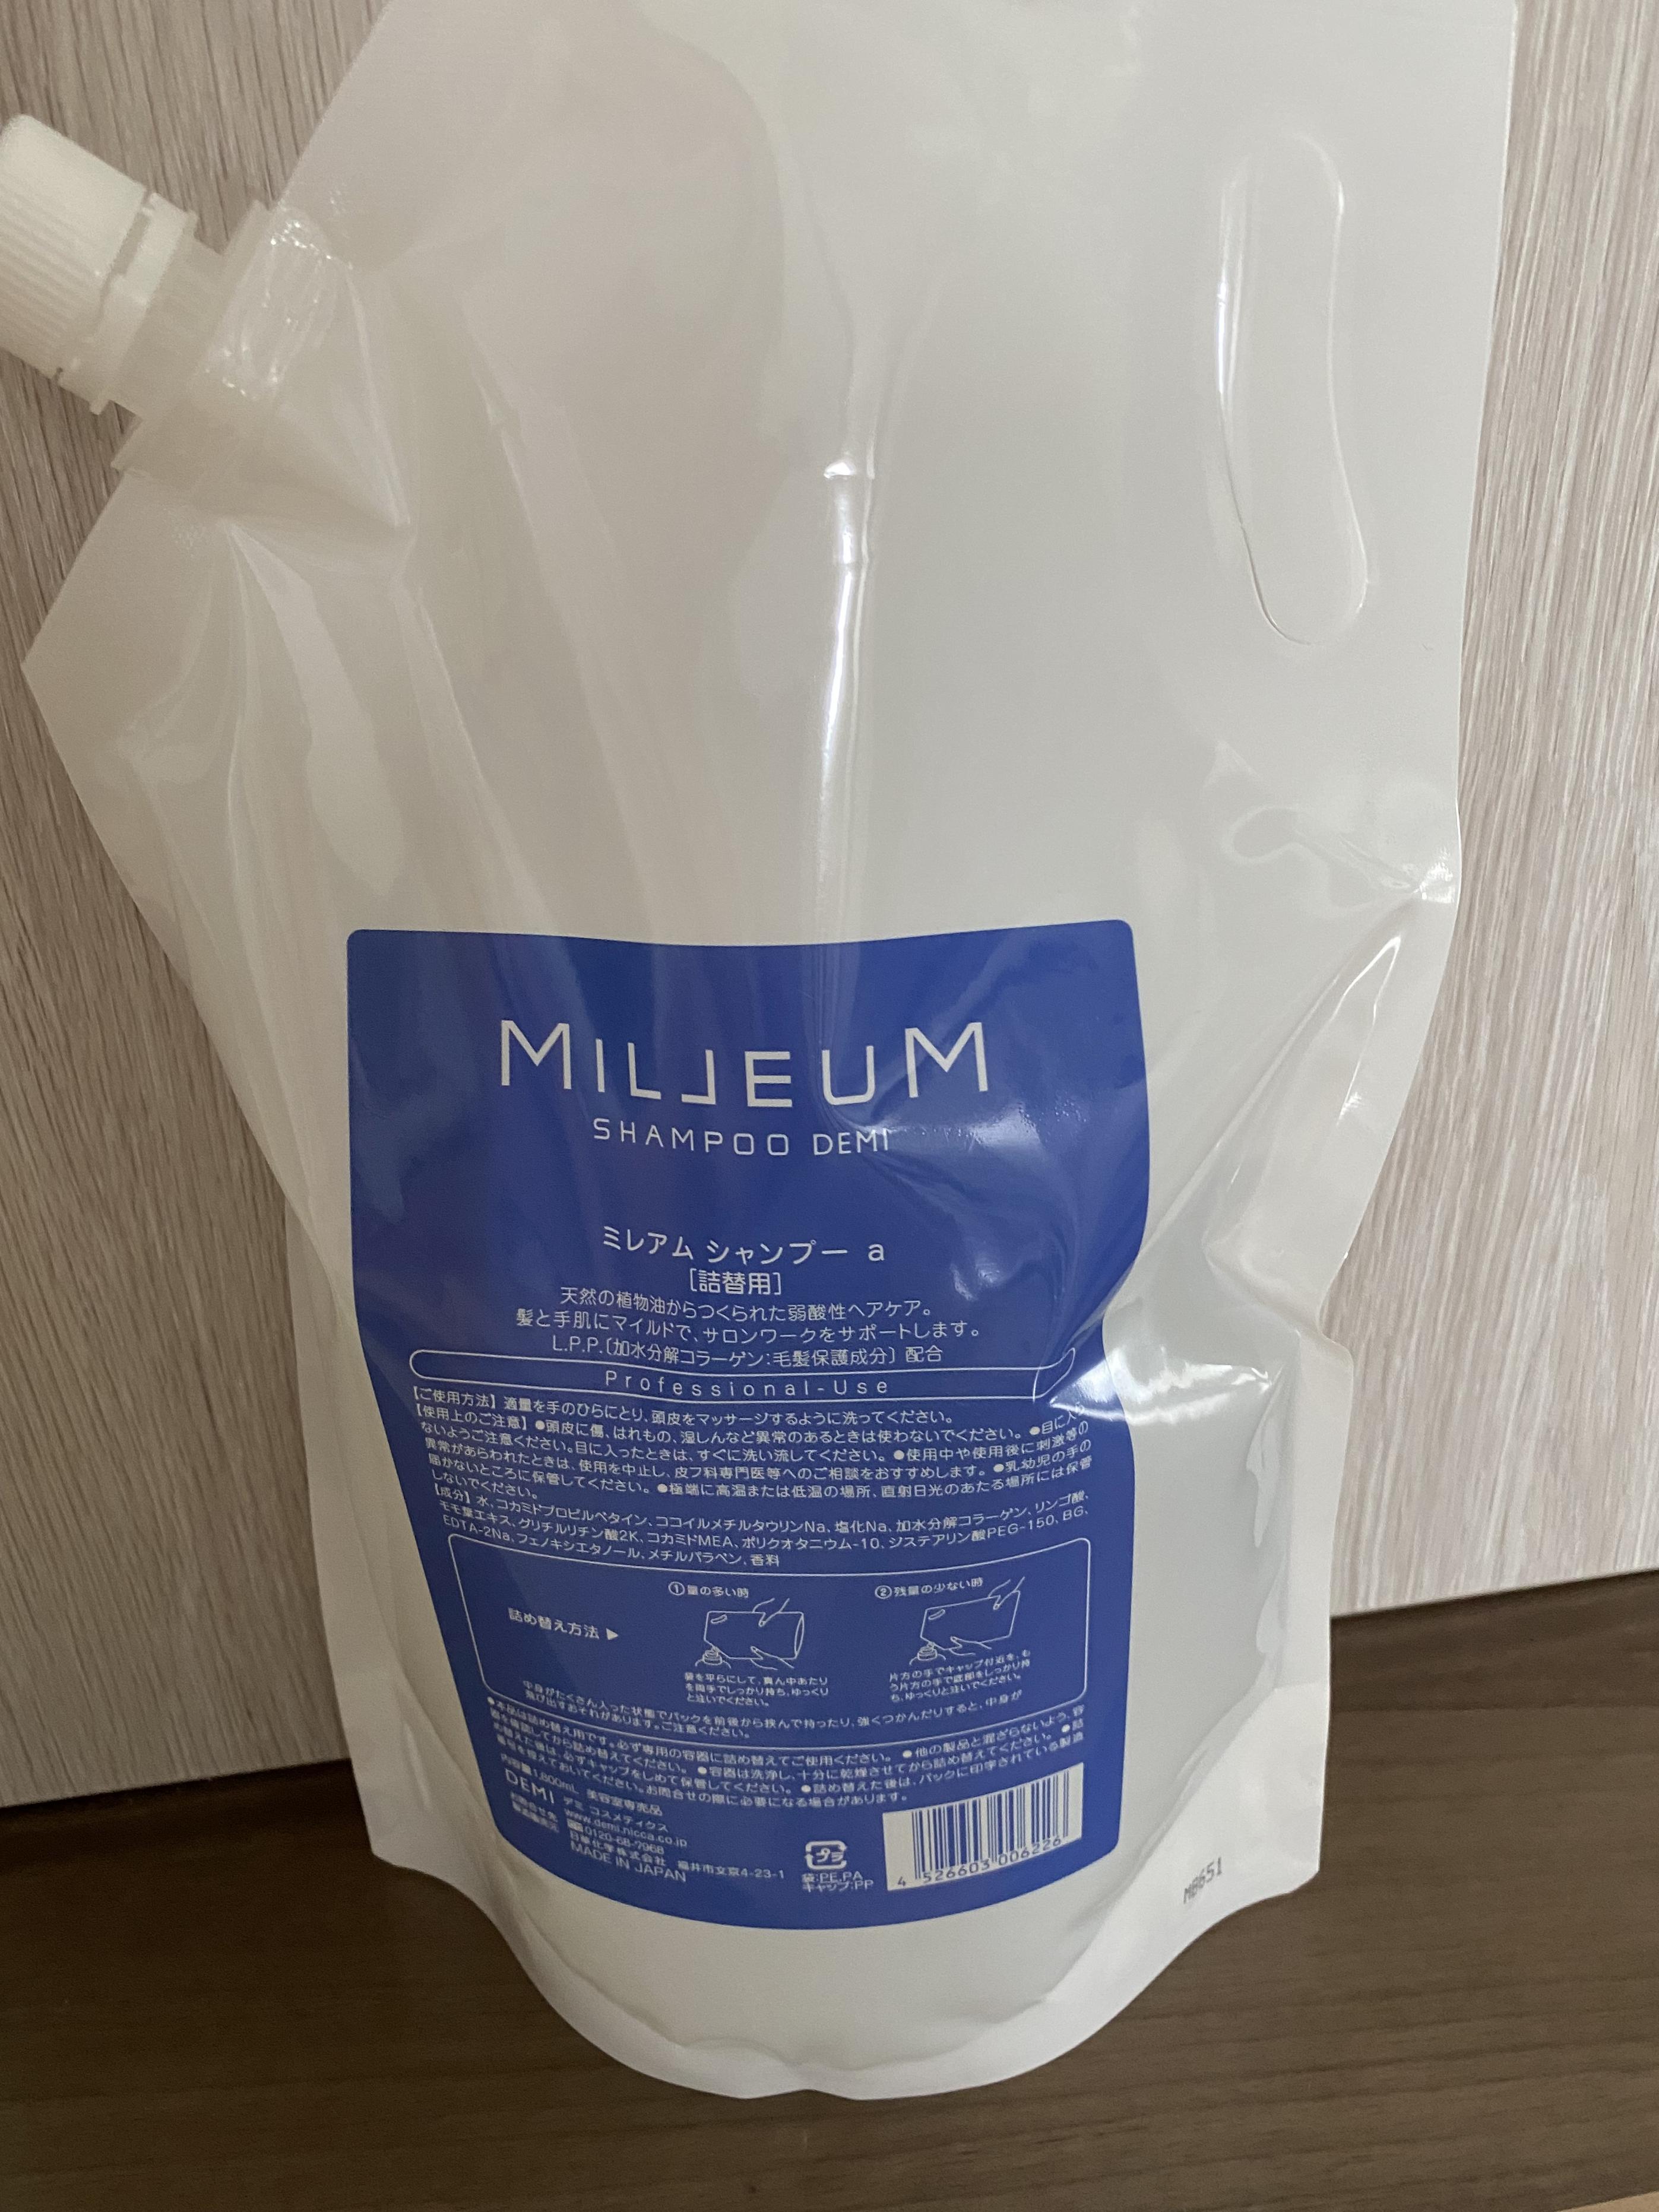 MILLEUM(ミレアム) ヘアケア シャンプーの良い点・メリットに関するmomoさんの口コミ画像1